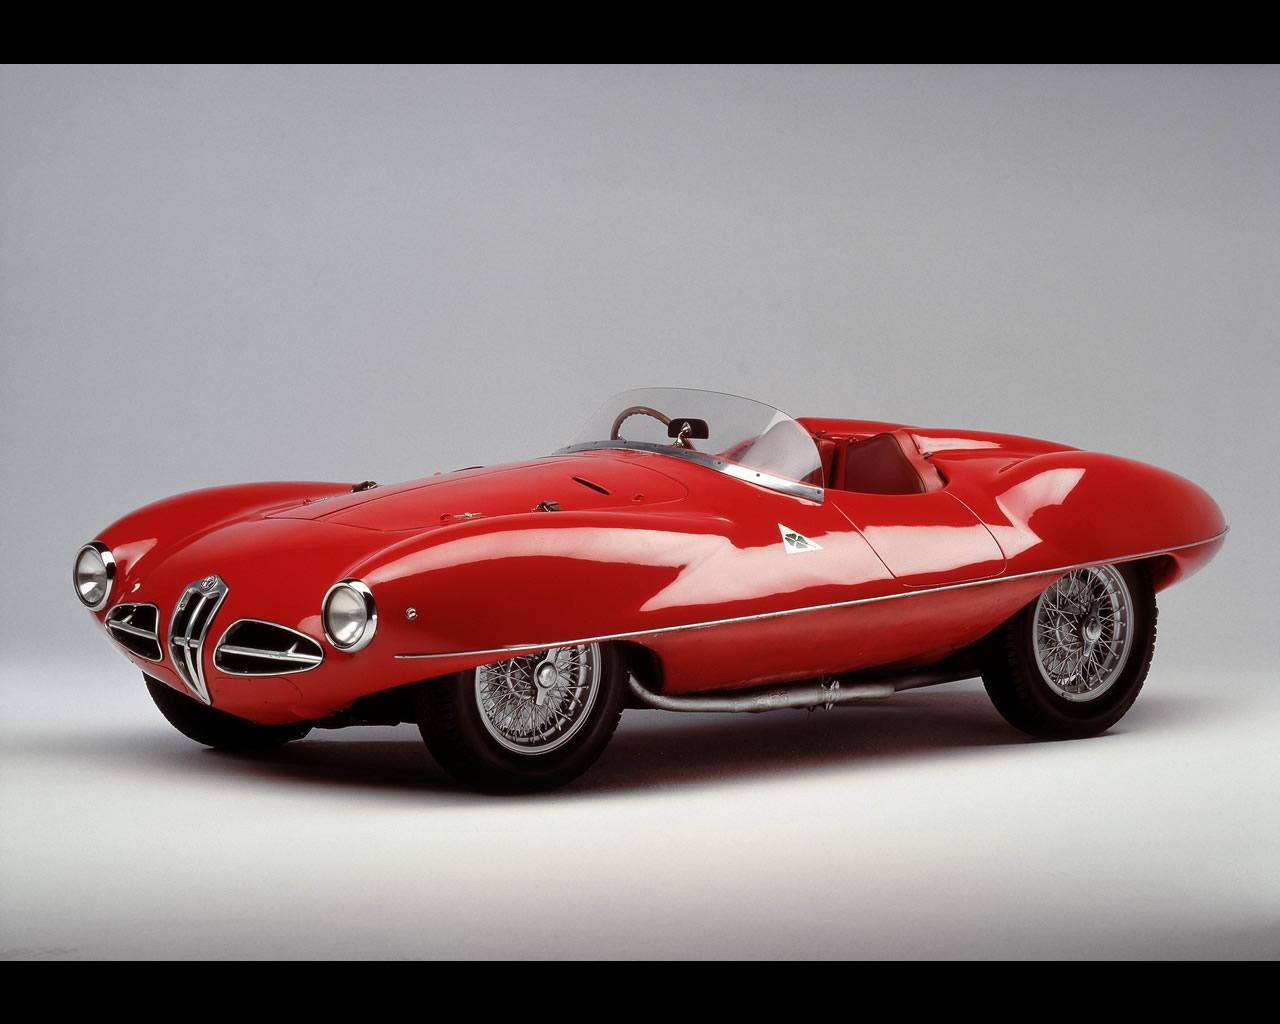 alfa romeo disco volante photos reviews news specs buy car. Black Bedroom Furniture Sets. Home Design Ideas